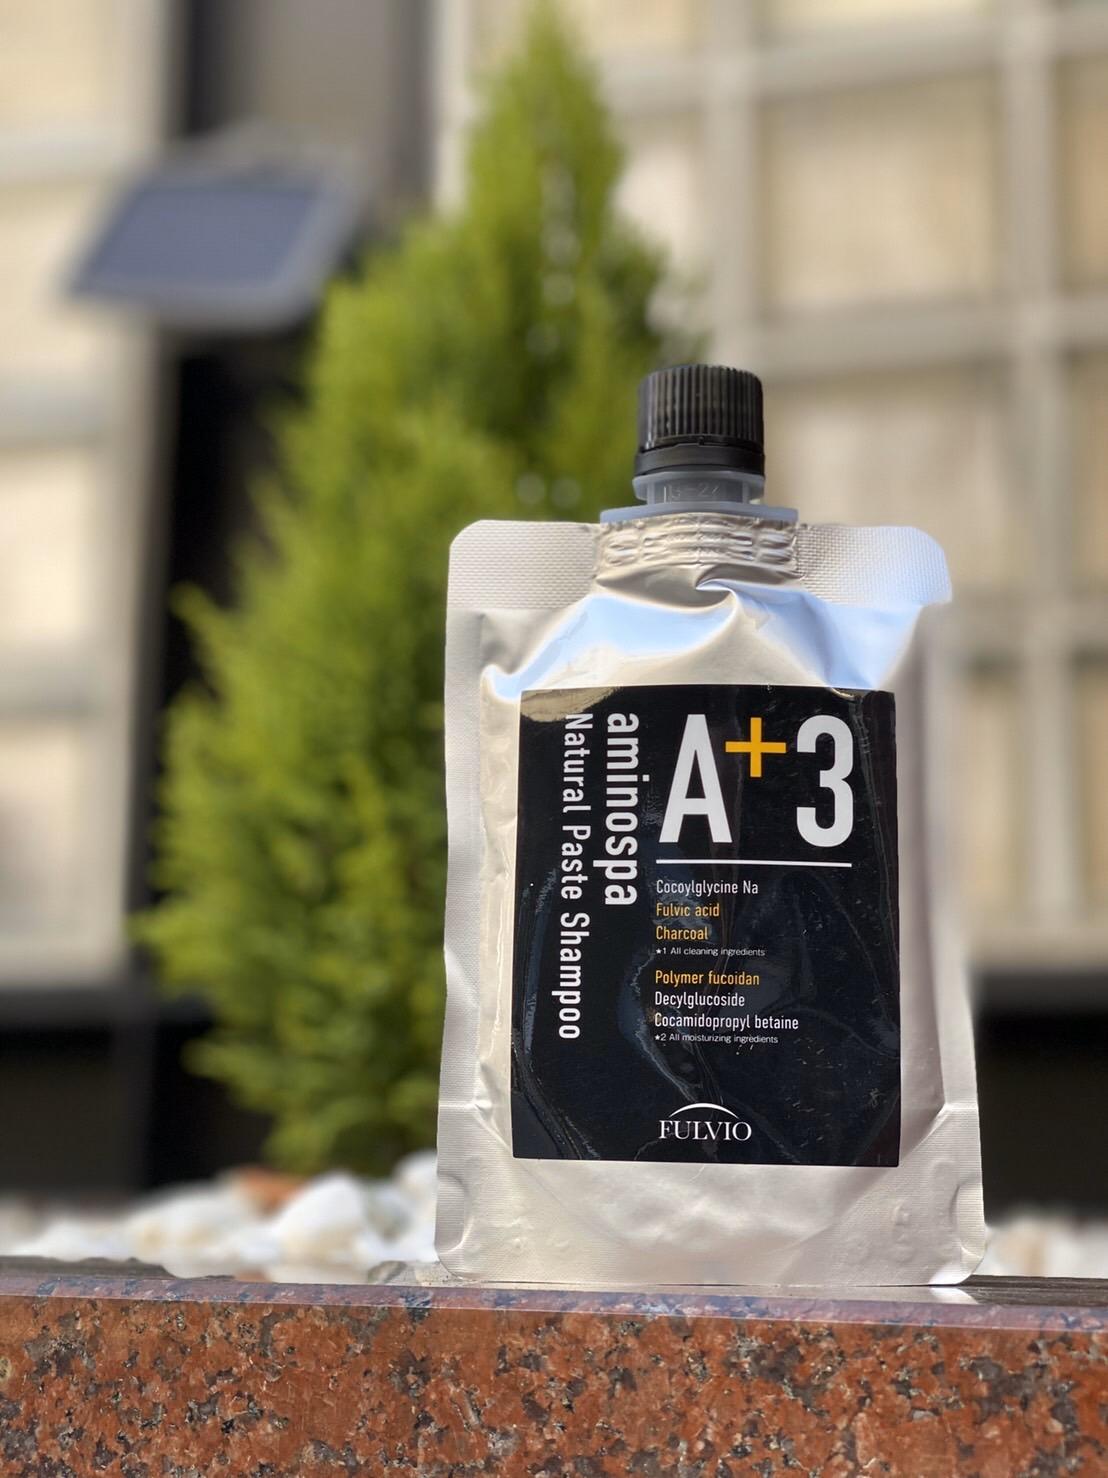 販売累計43万本発売中のフルボ酸エキス高配合aminospa A+3シャンプ-に                                          メンズ用ぺ-ストシャンプ-が新登場!!